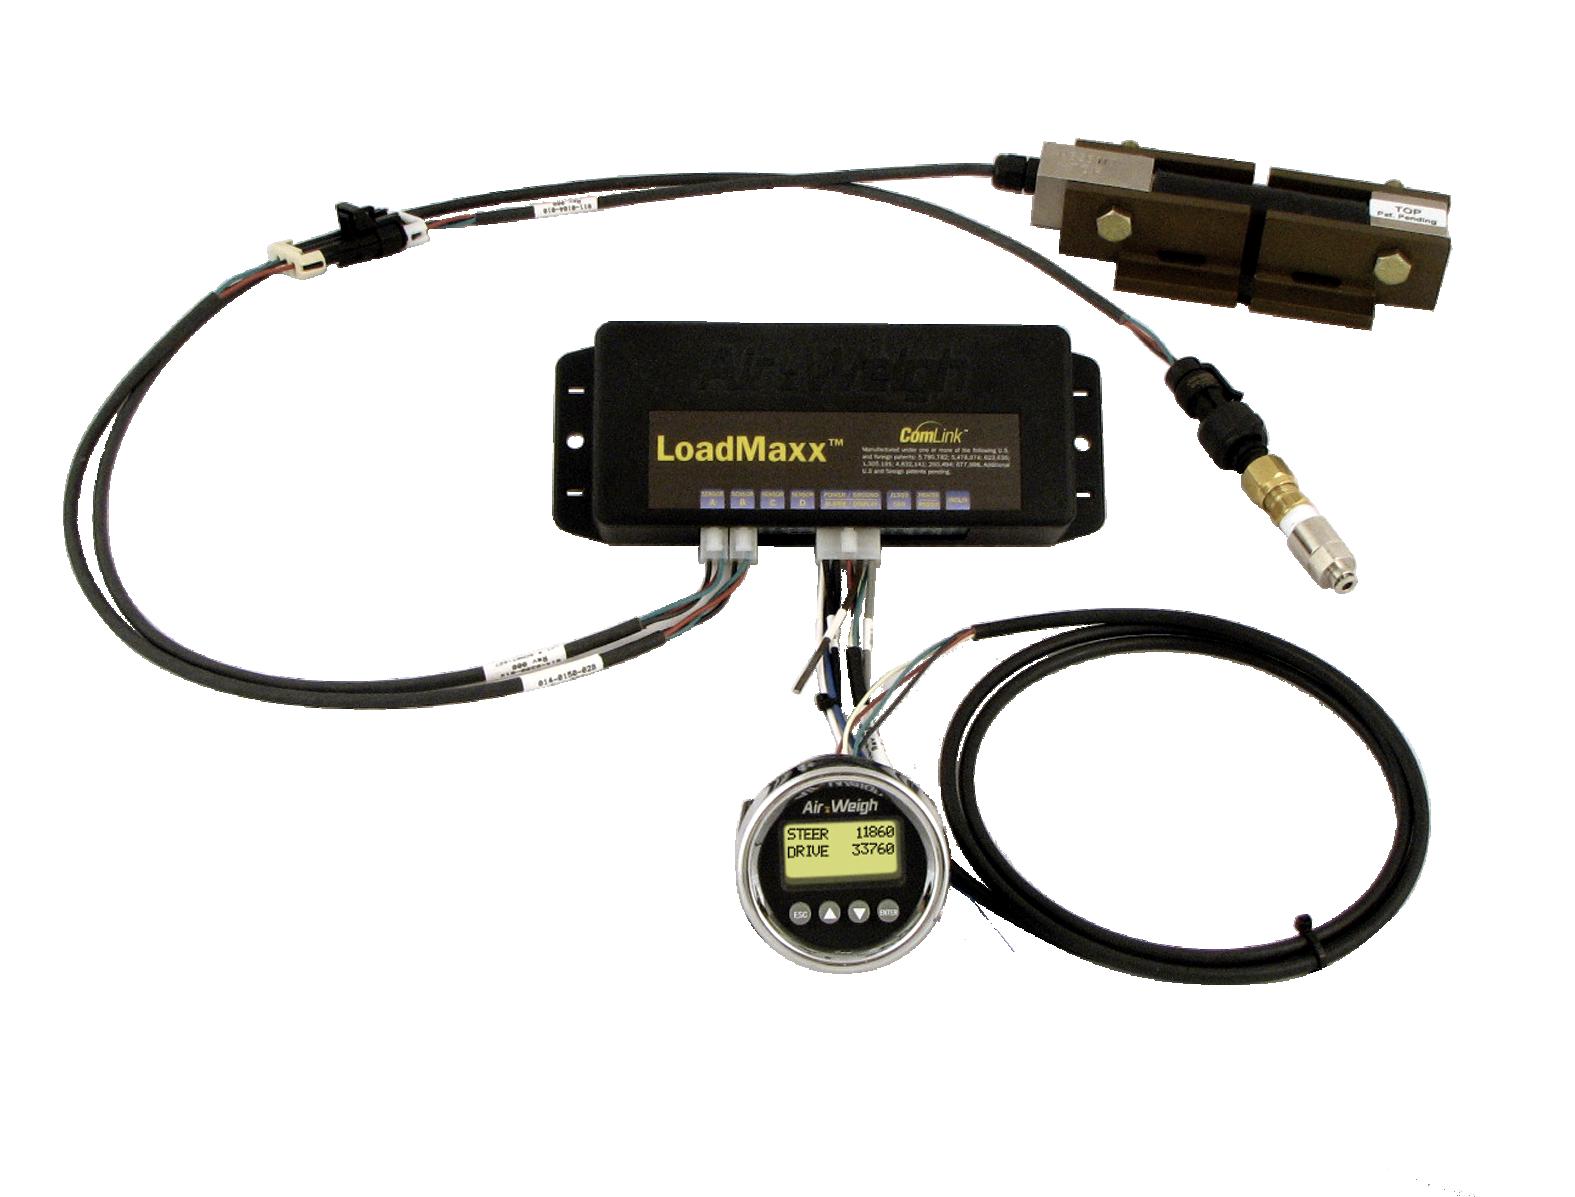 LoadMaxx Trailer Kit w/ComLink